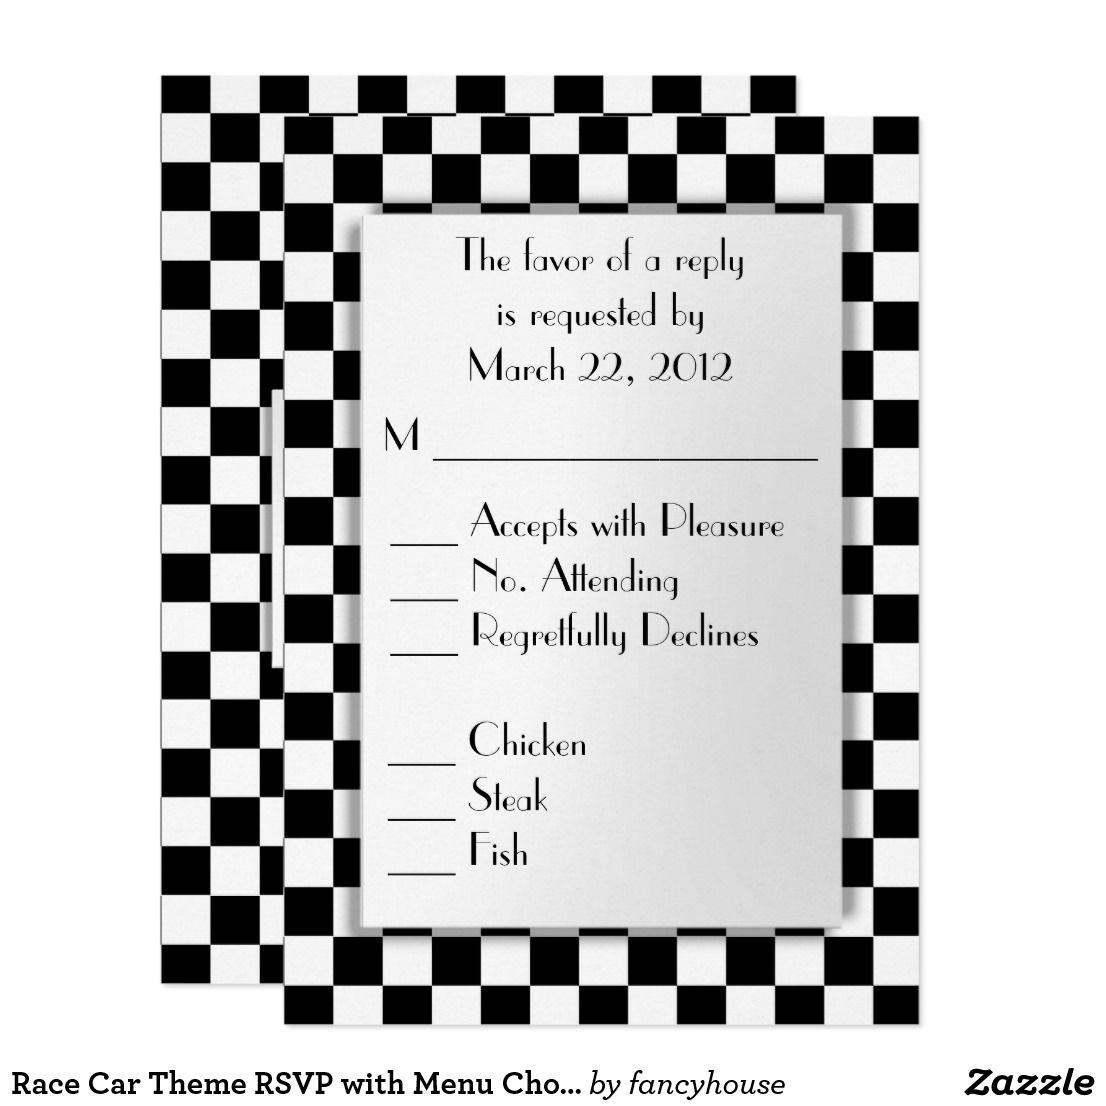 Race Car Theme RSVP with Menu Choice Card | Race car themes, Rsvp ...